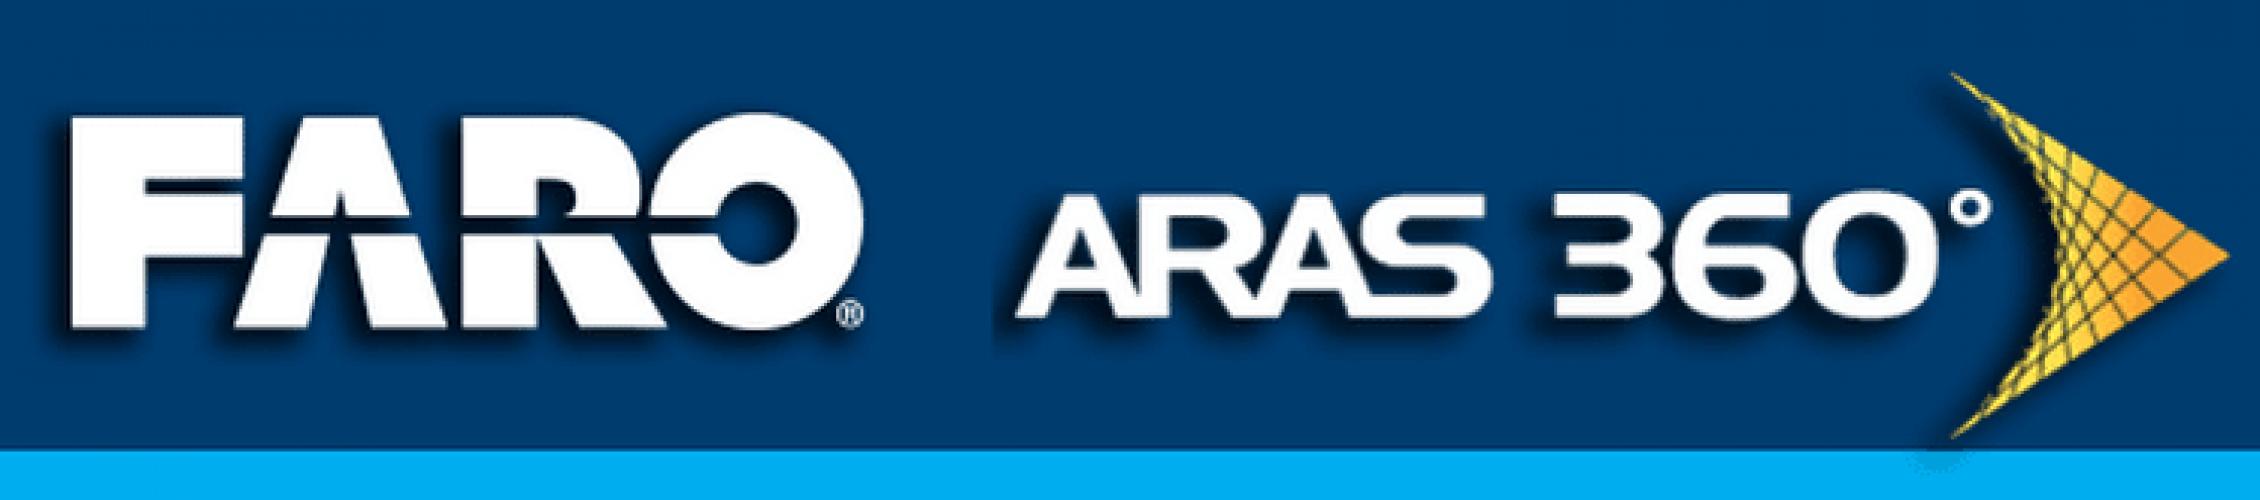 ARAS360 FARO